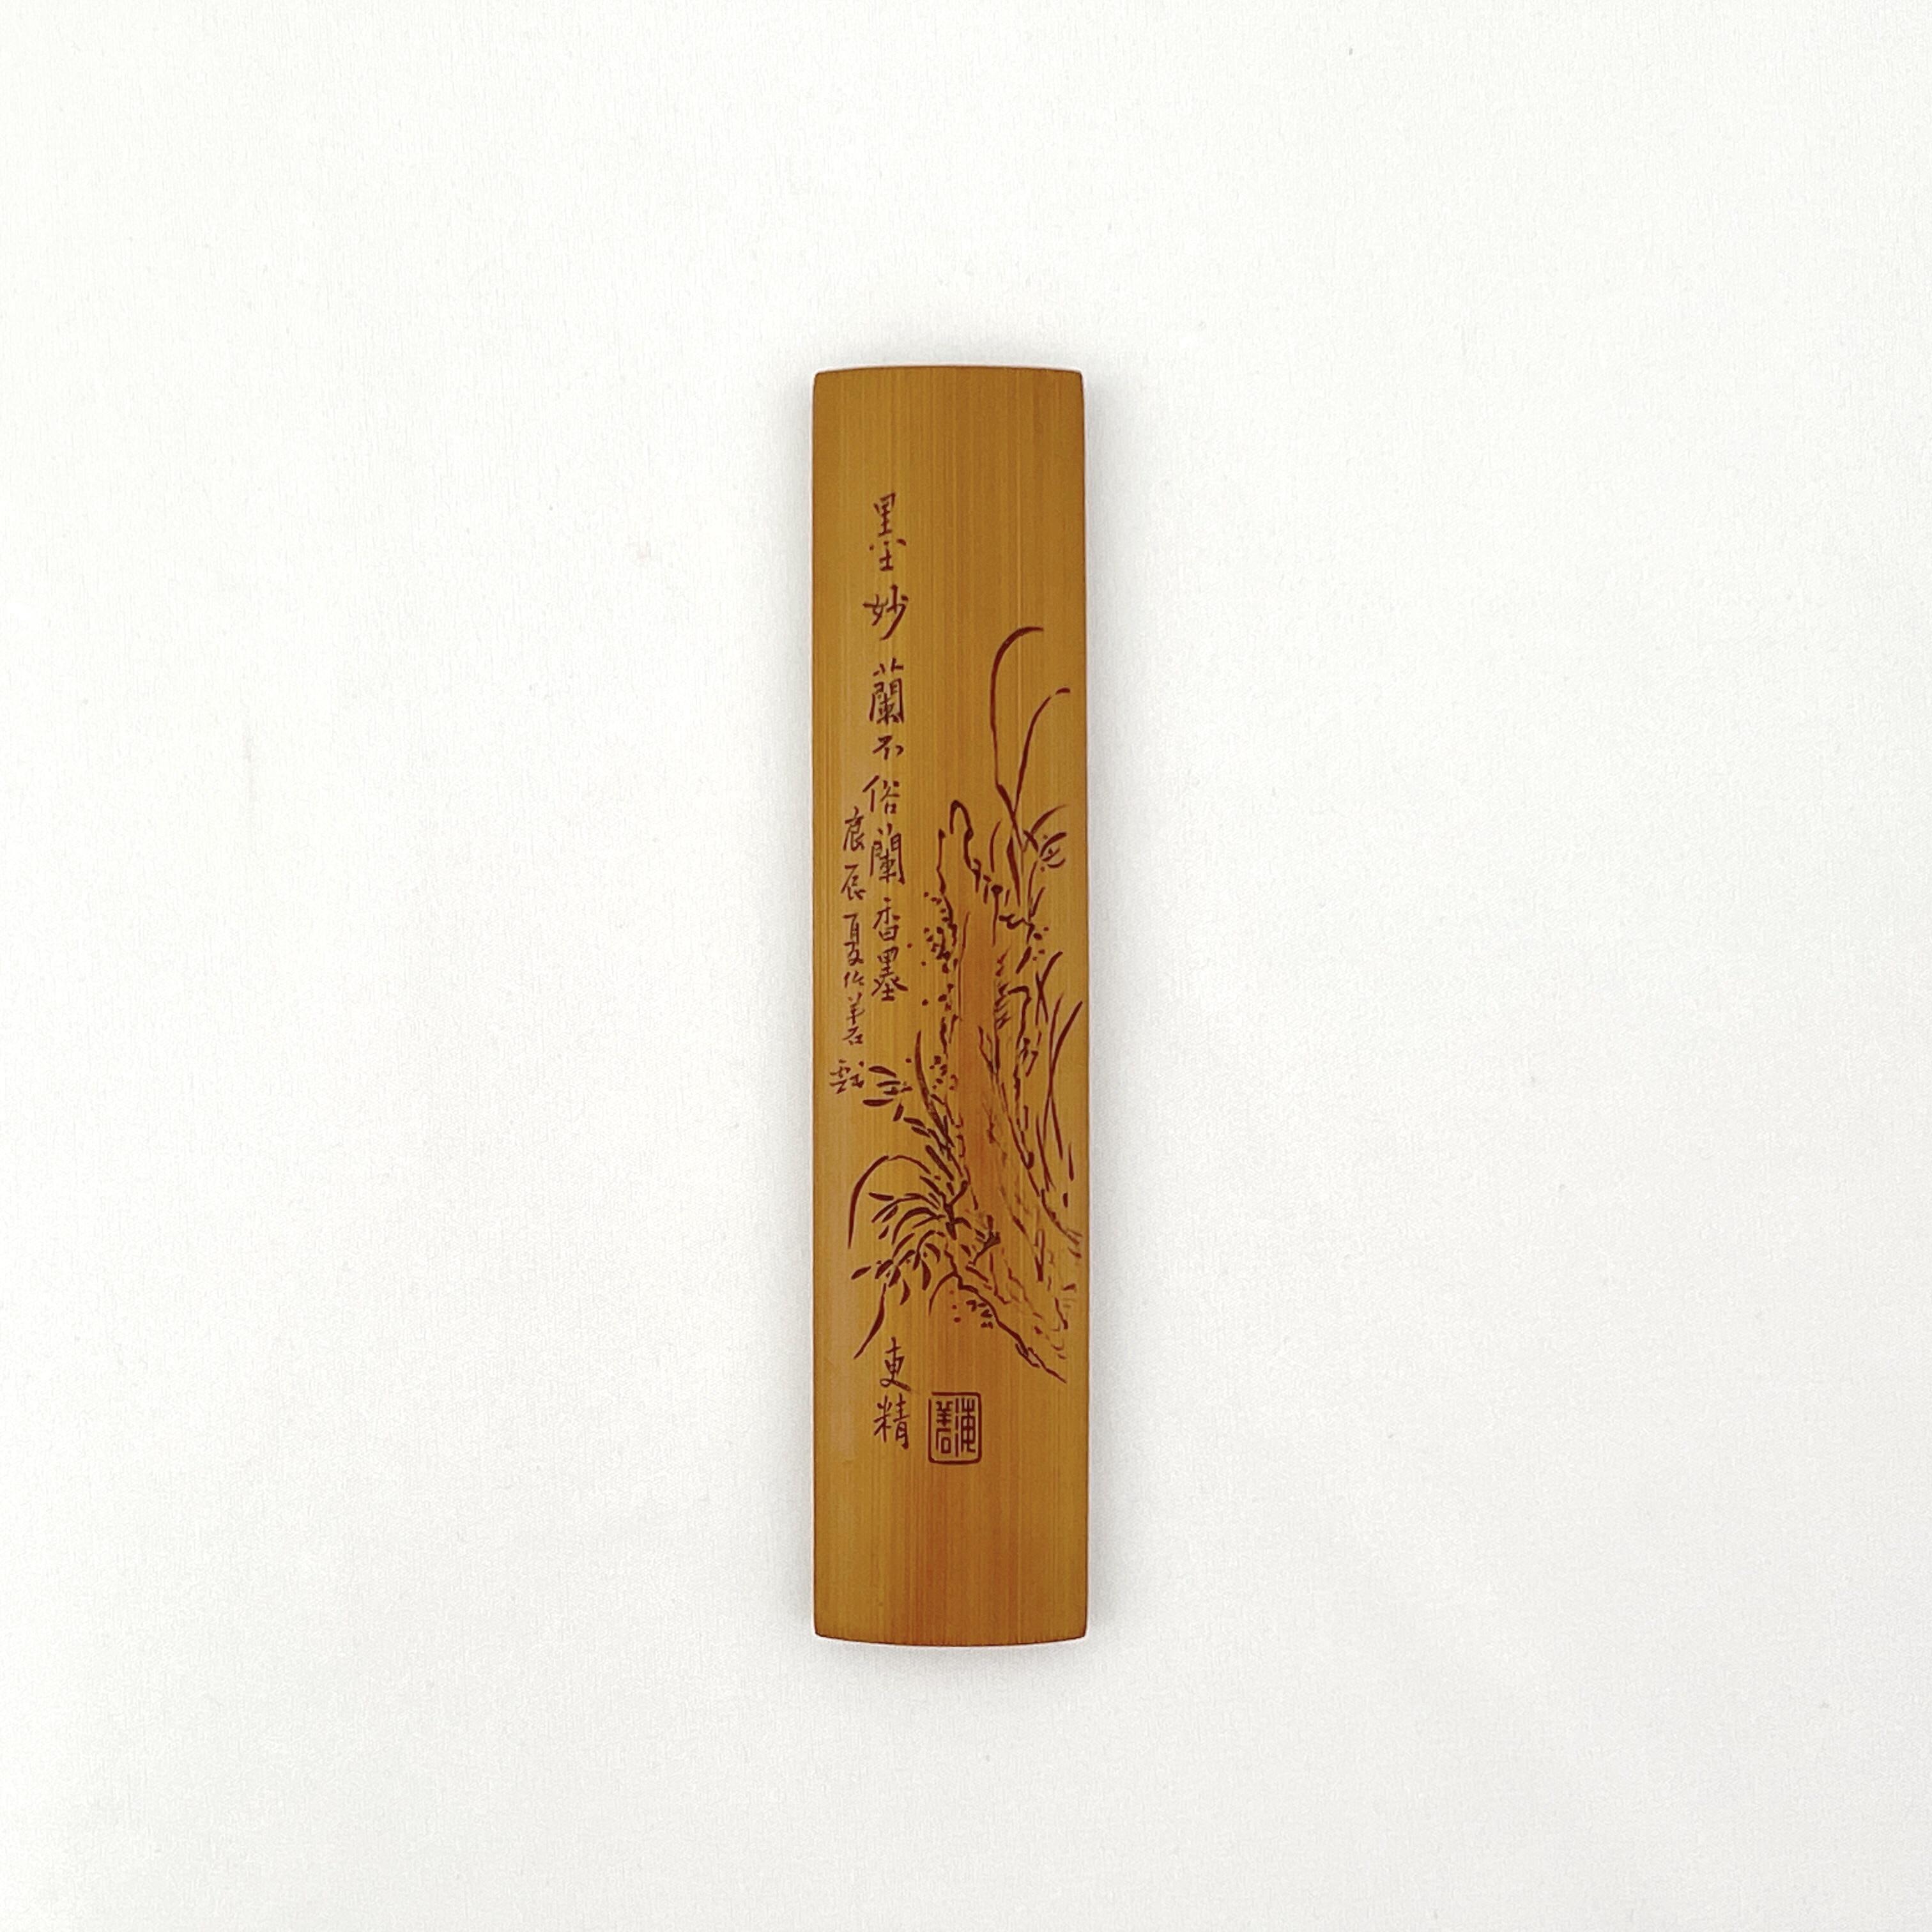 20019「羊石」款 竹 刻岩蘭紋 臂擱